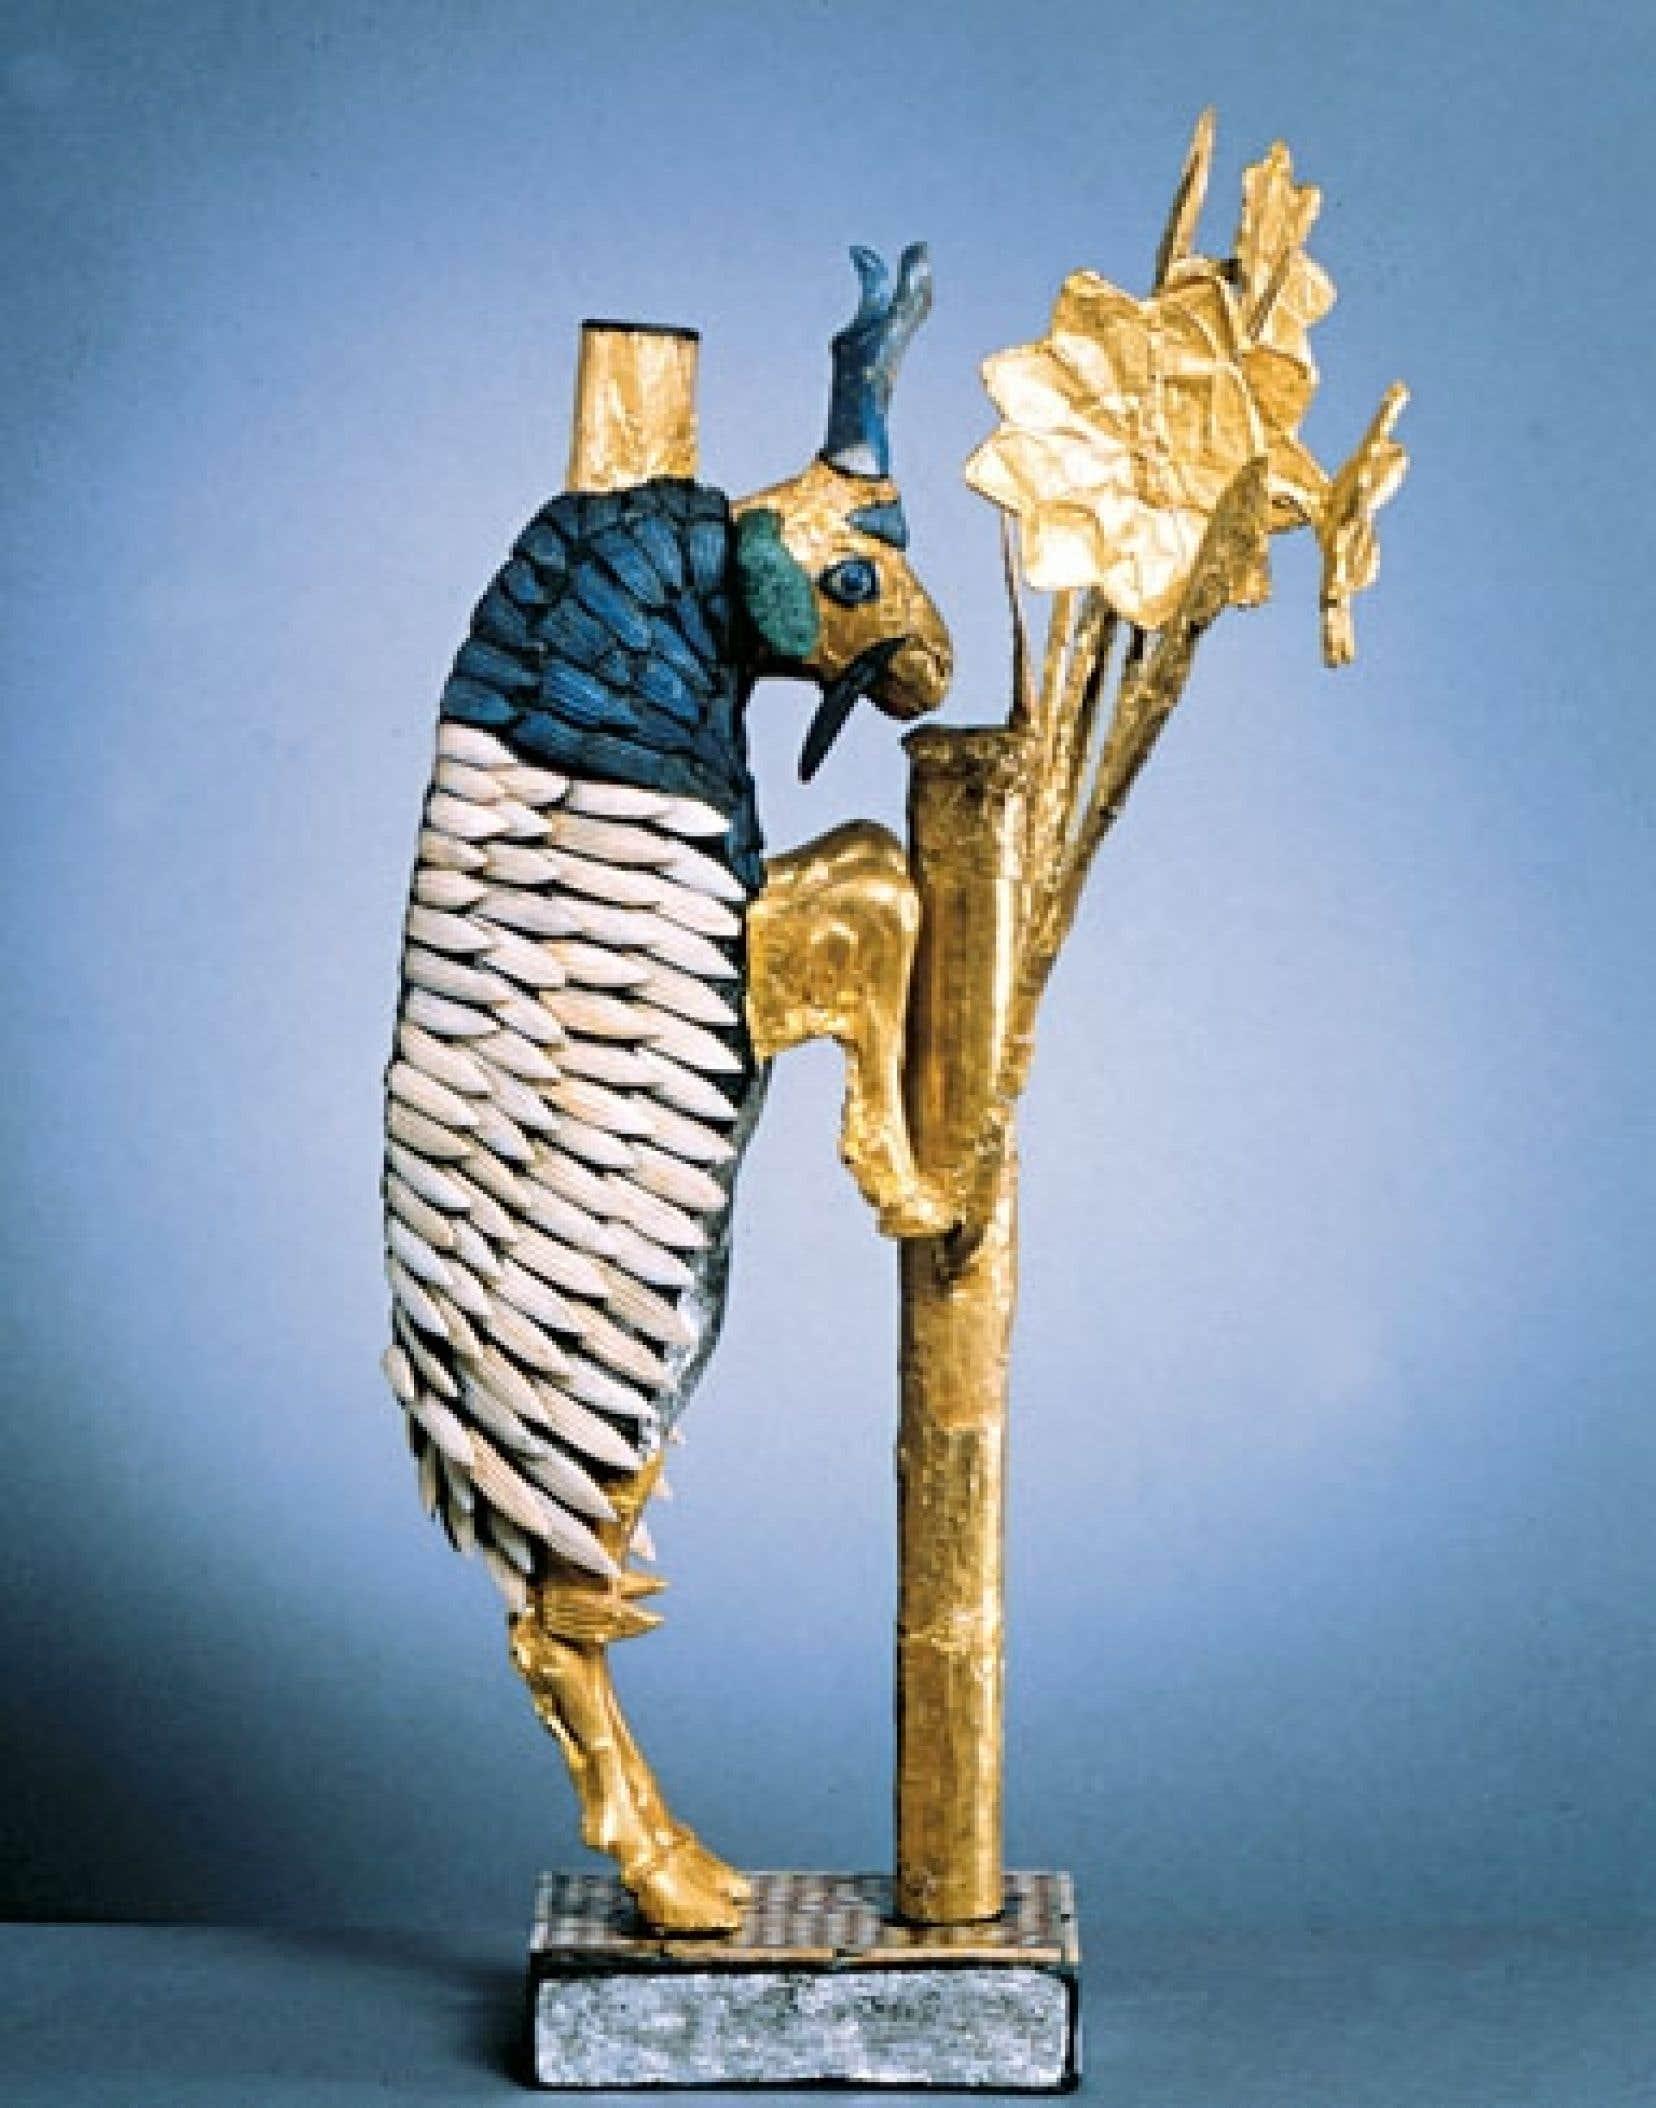 Le Grand bélier d'Ur, 2650-2550 av. notre ère, Ur, Irak, présenté au ROM les trois premiers mois de l'exposition Mésopotamie ou l'invention de notre monde.